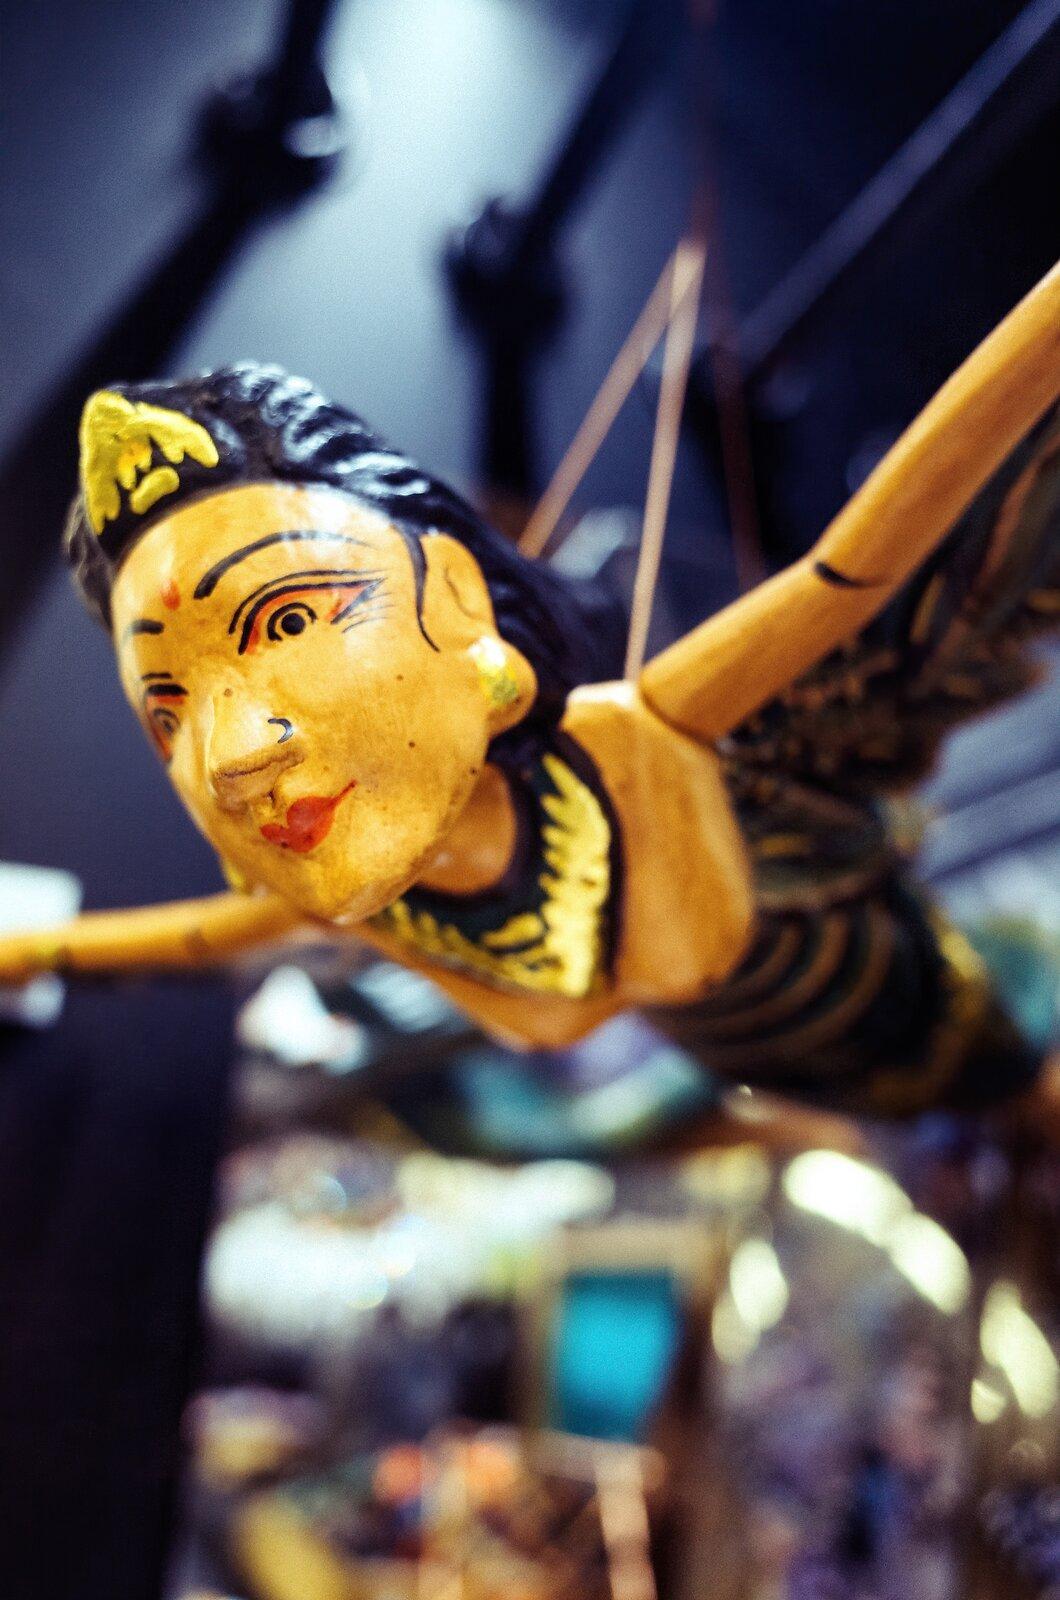 GRII_Nov25_Flying_Balinese_woman#3.jpg